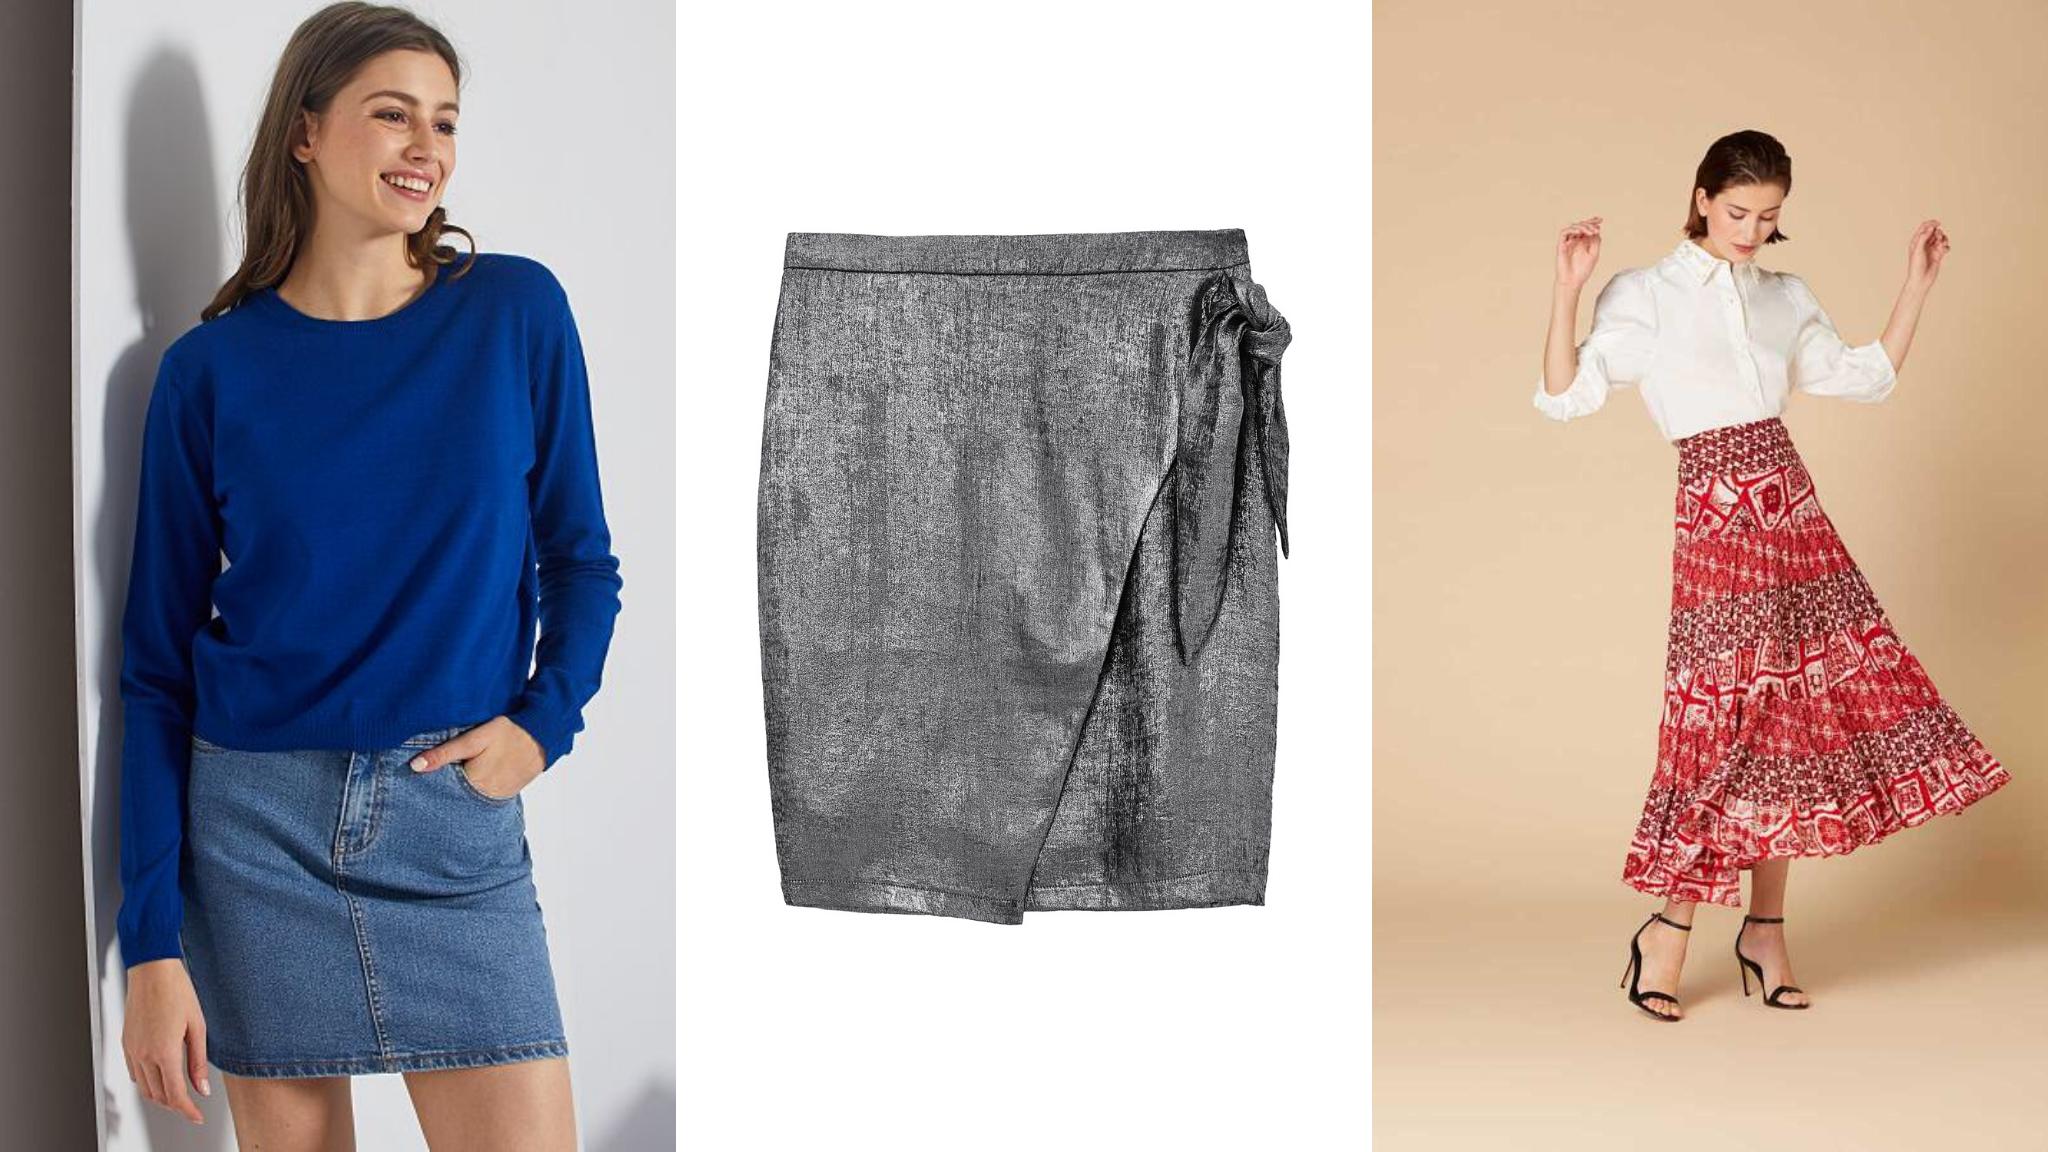 Tendance 2020 : les jupes qu'on va s'arracher ce printemps